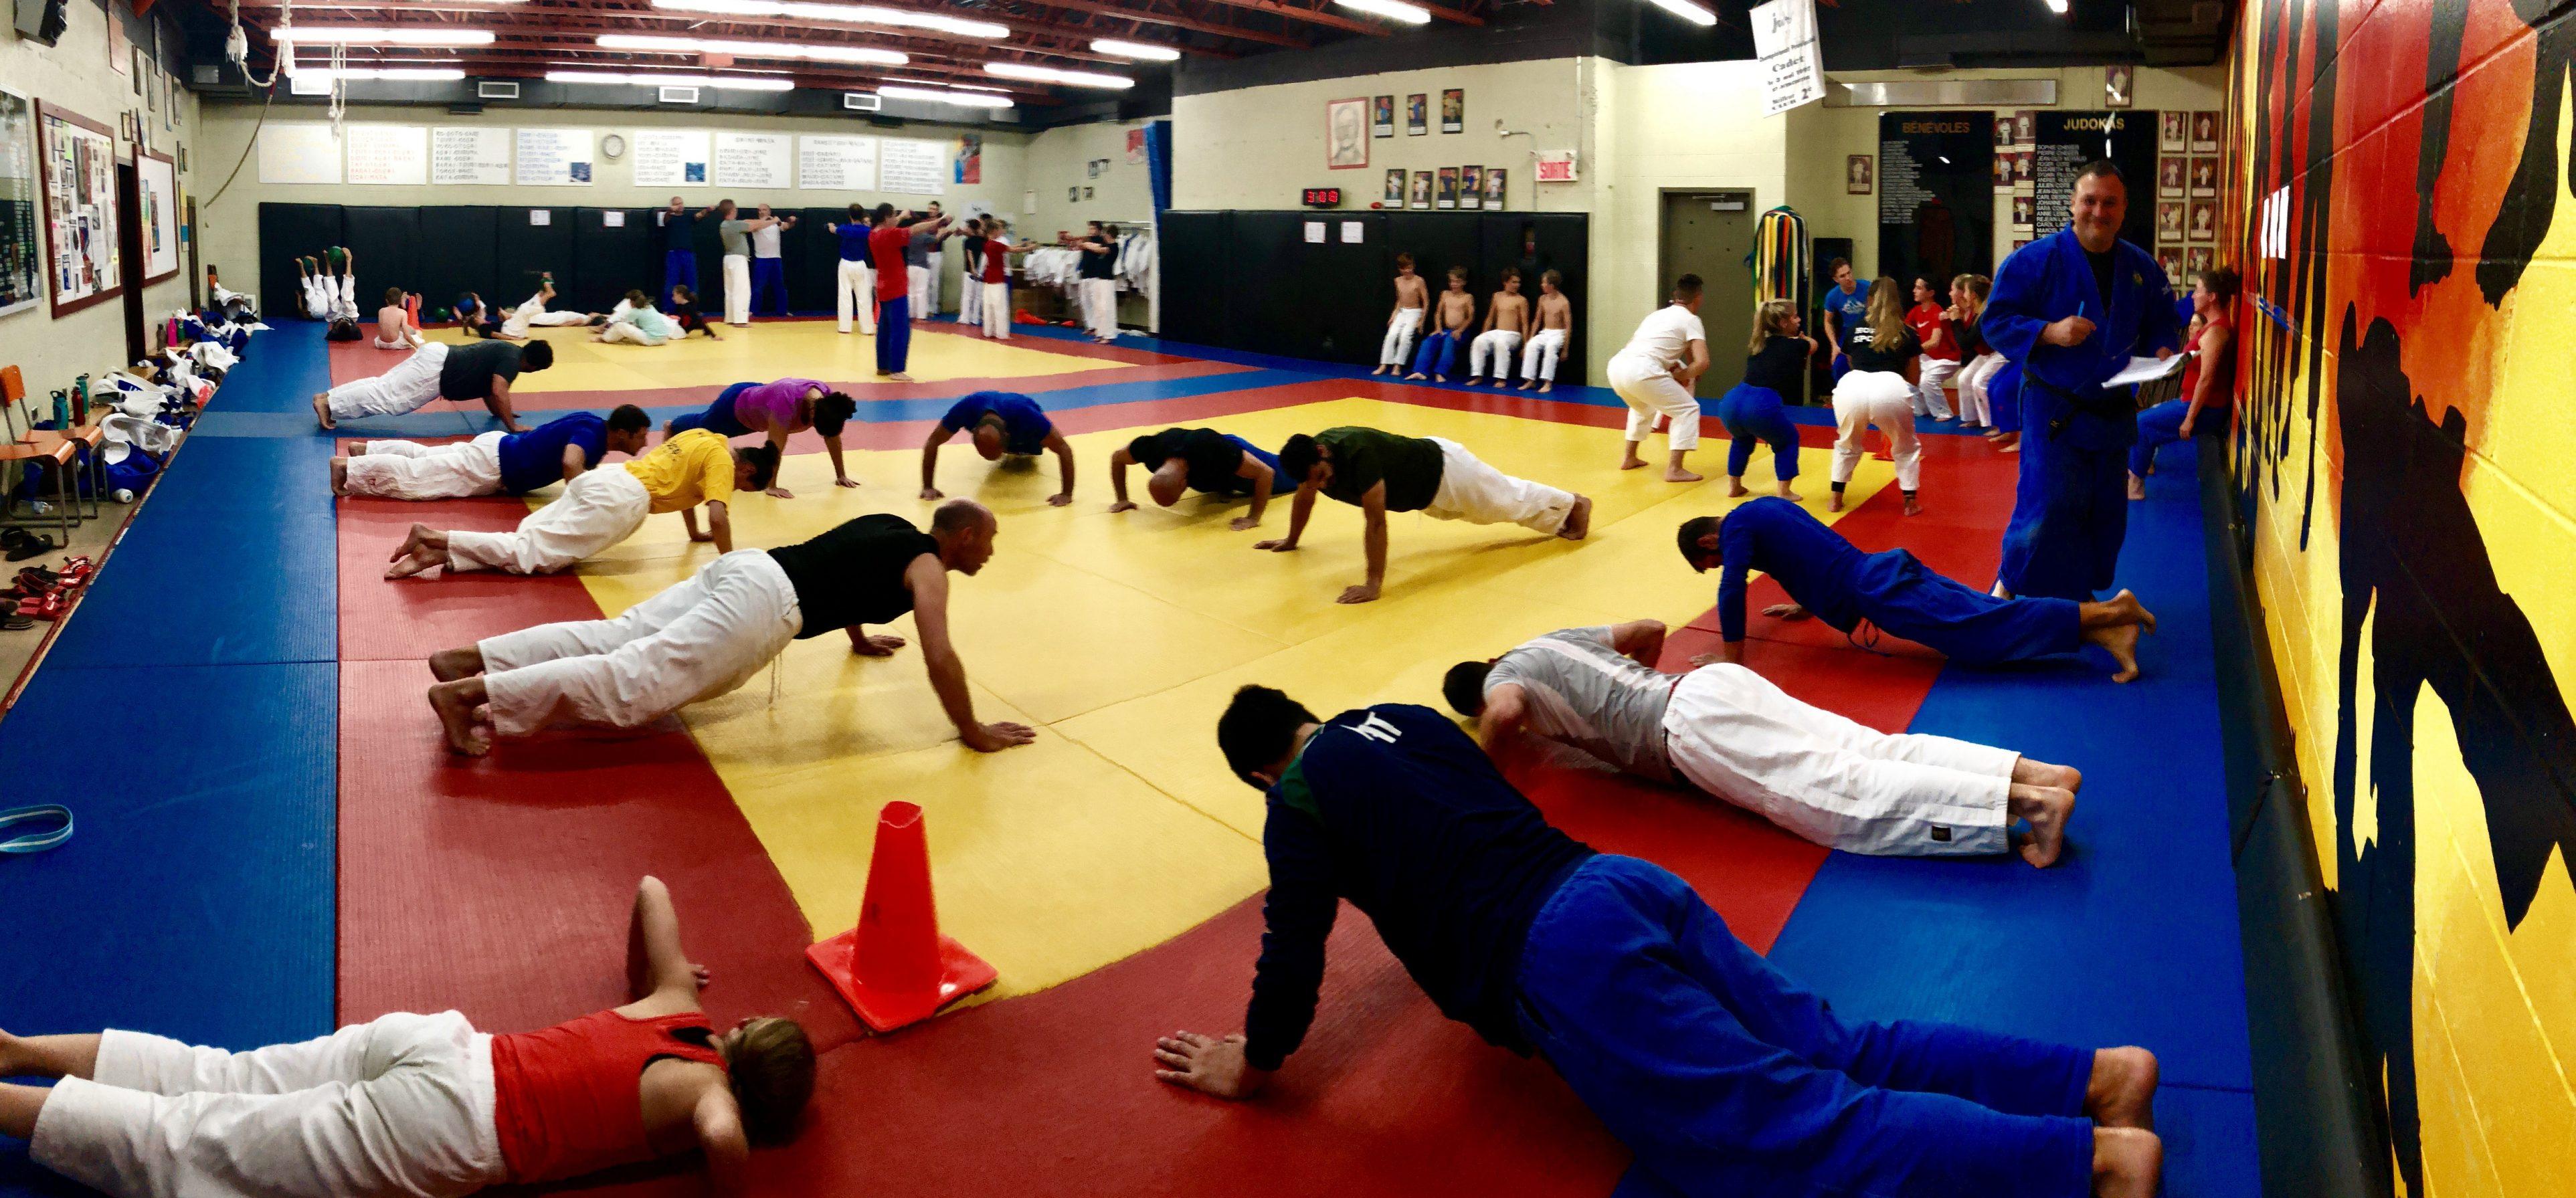 L'Académie de judo l'aura (enfin) son nouveau local